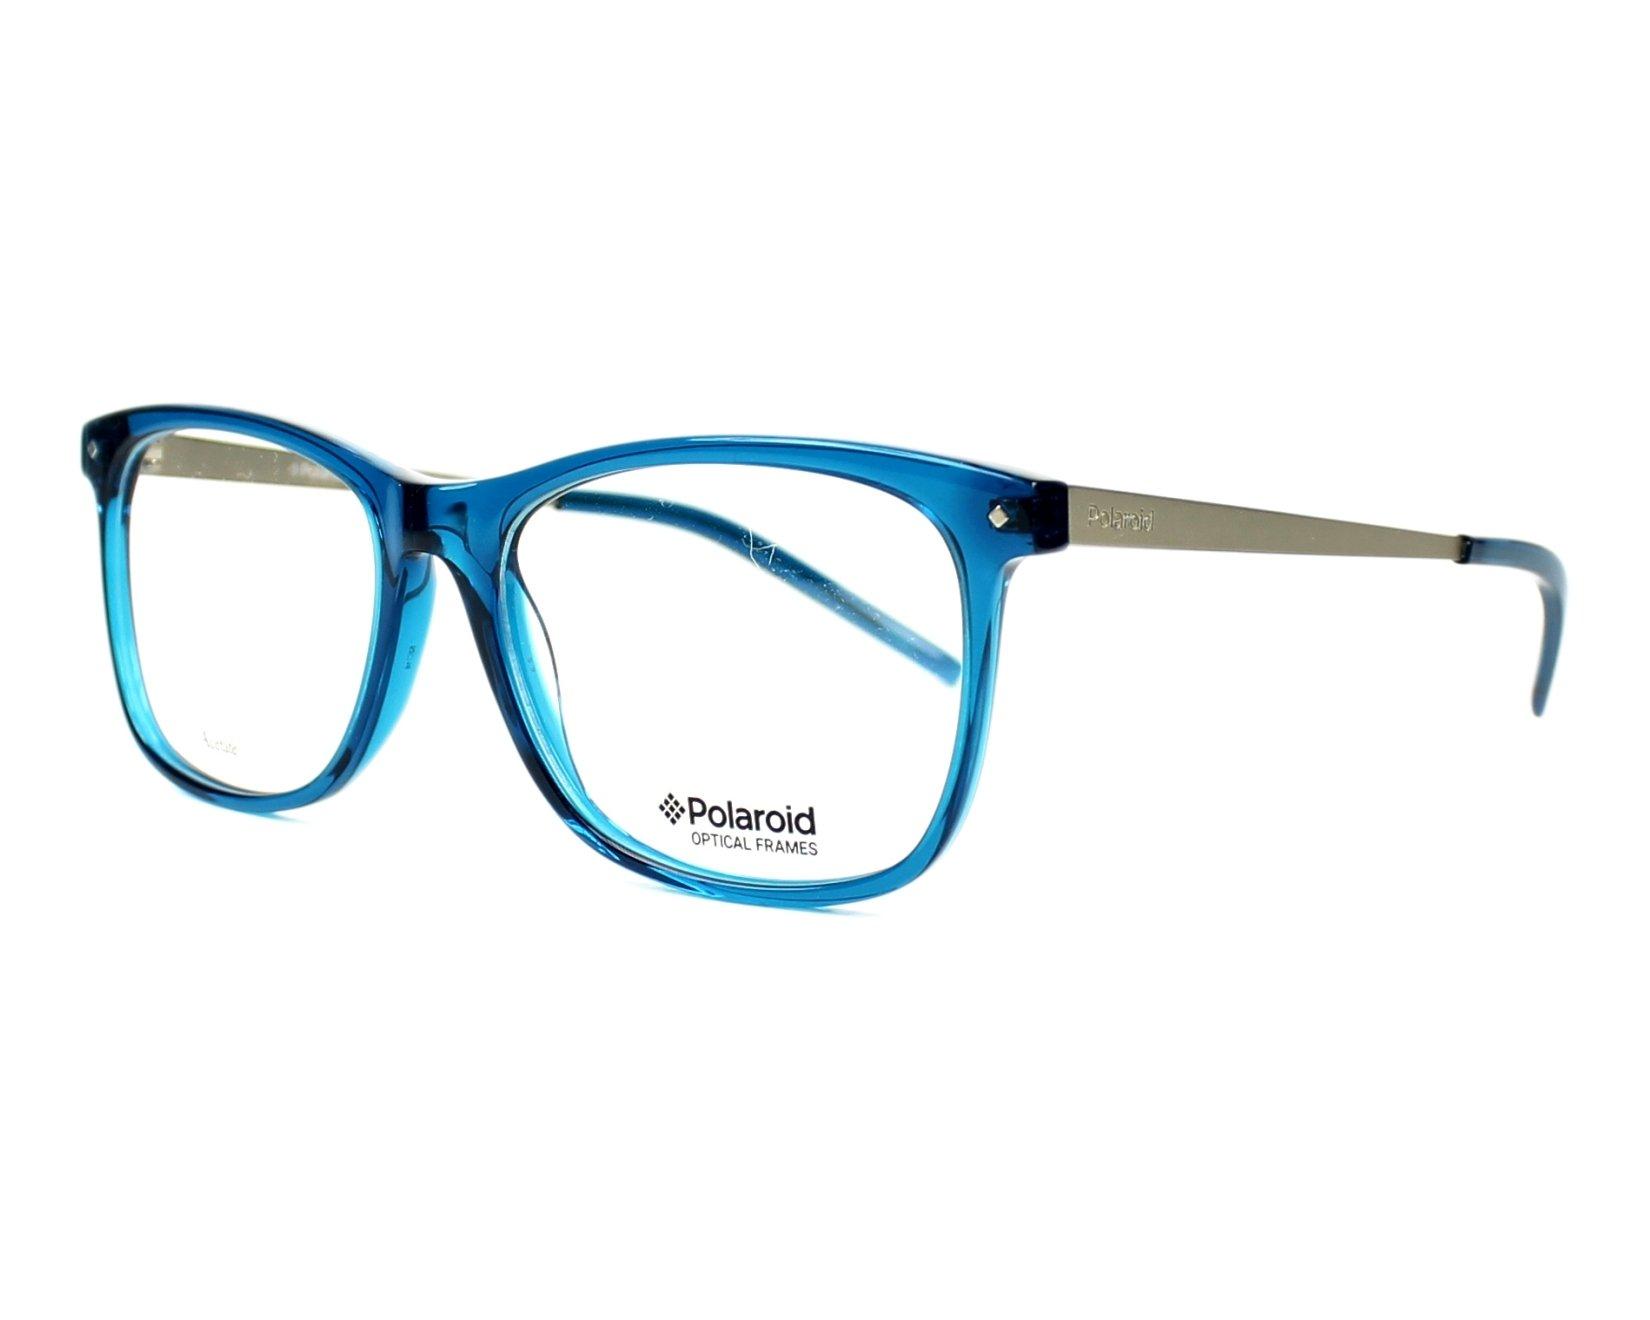 lunettes de vue polaroid pldd 308 1p9 pas cher opticiens. Black Bedroom Furniture Sets. Home Design Ideas